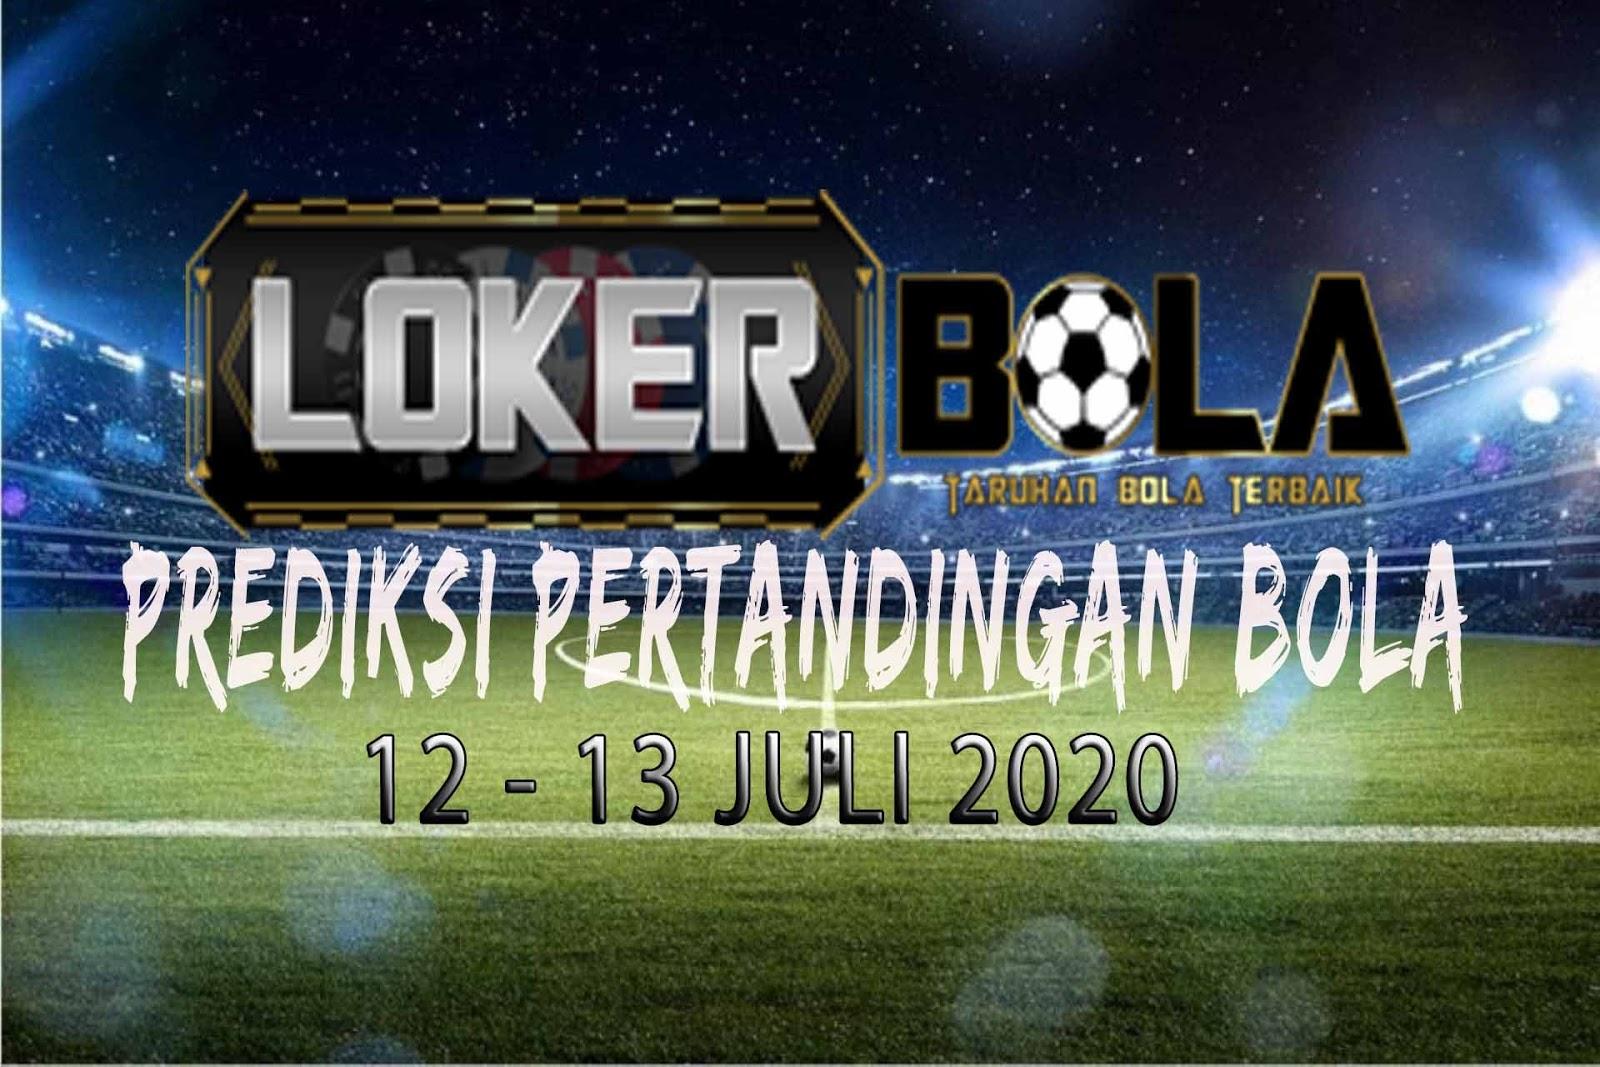 PREDIKSI PERTANDINGAN BOLA 12 – 13 JULI 2020